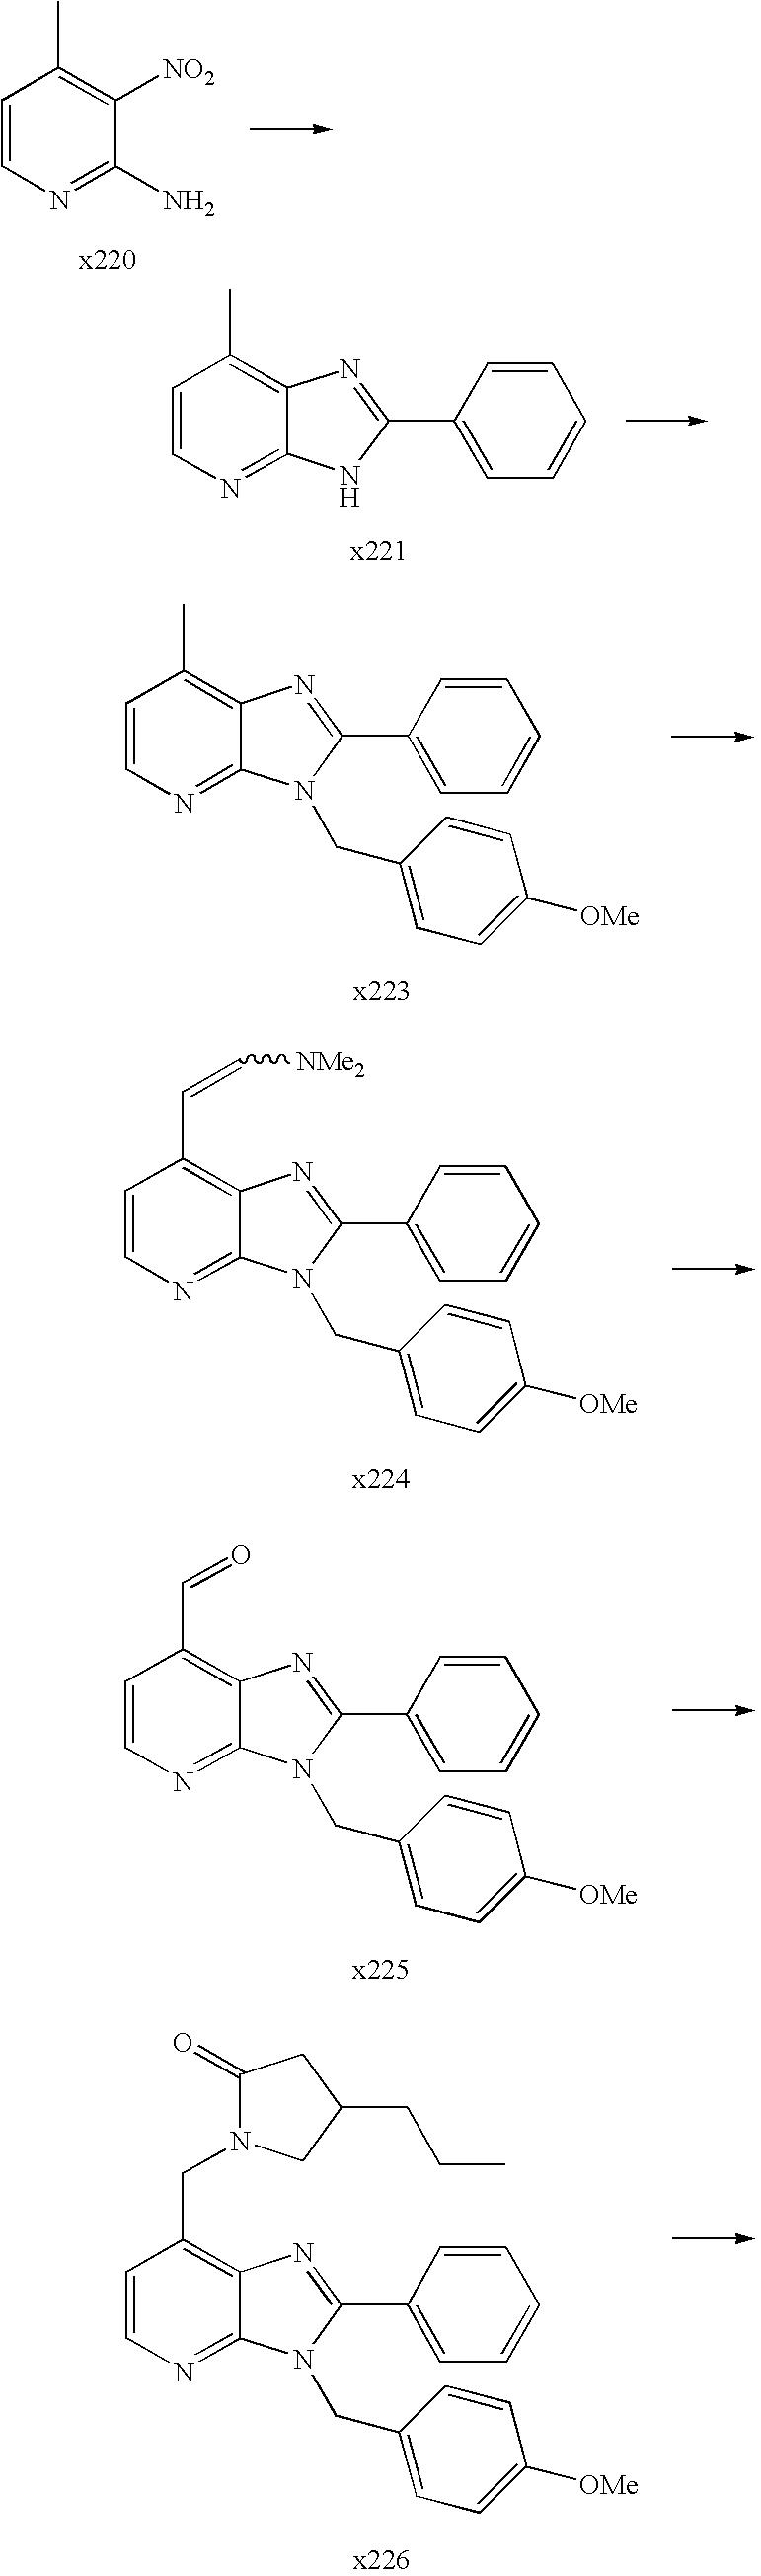 Figure US20090156607A1-20090618-C00103